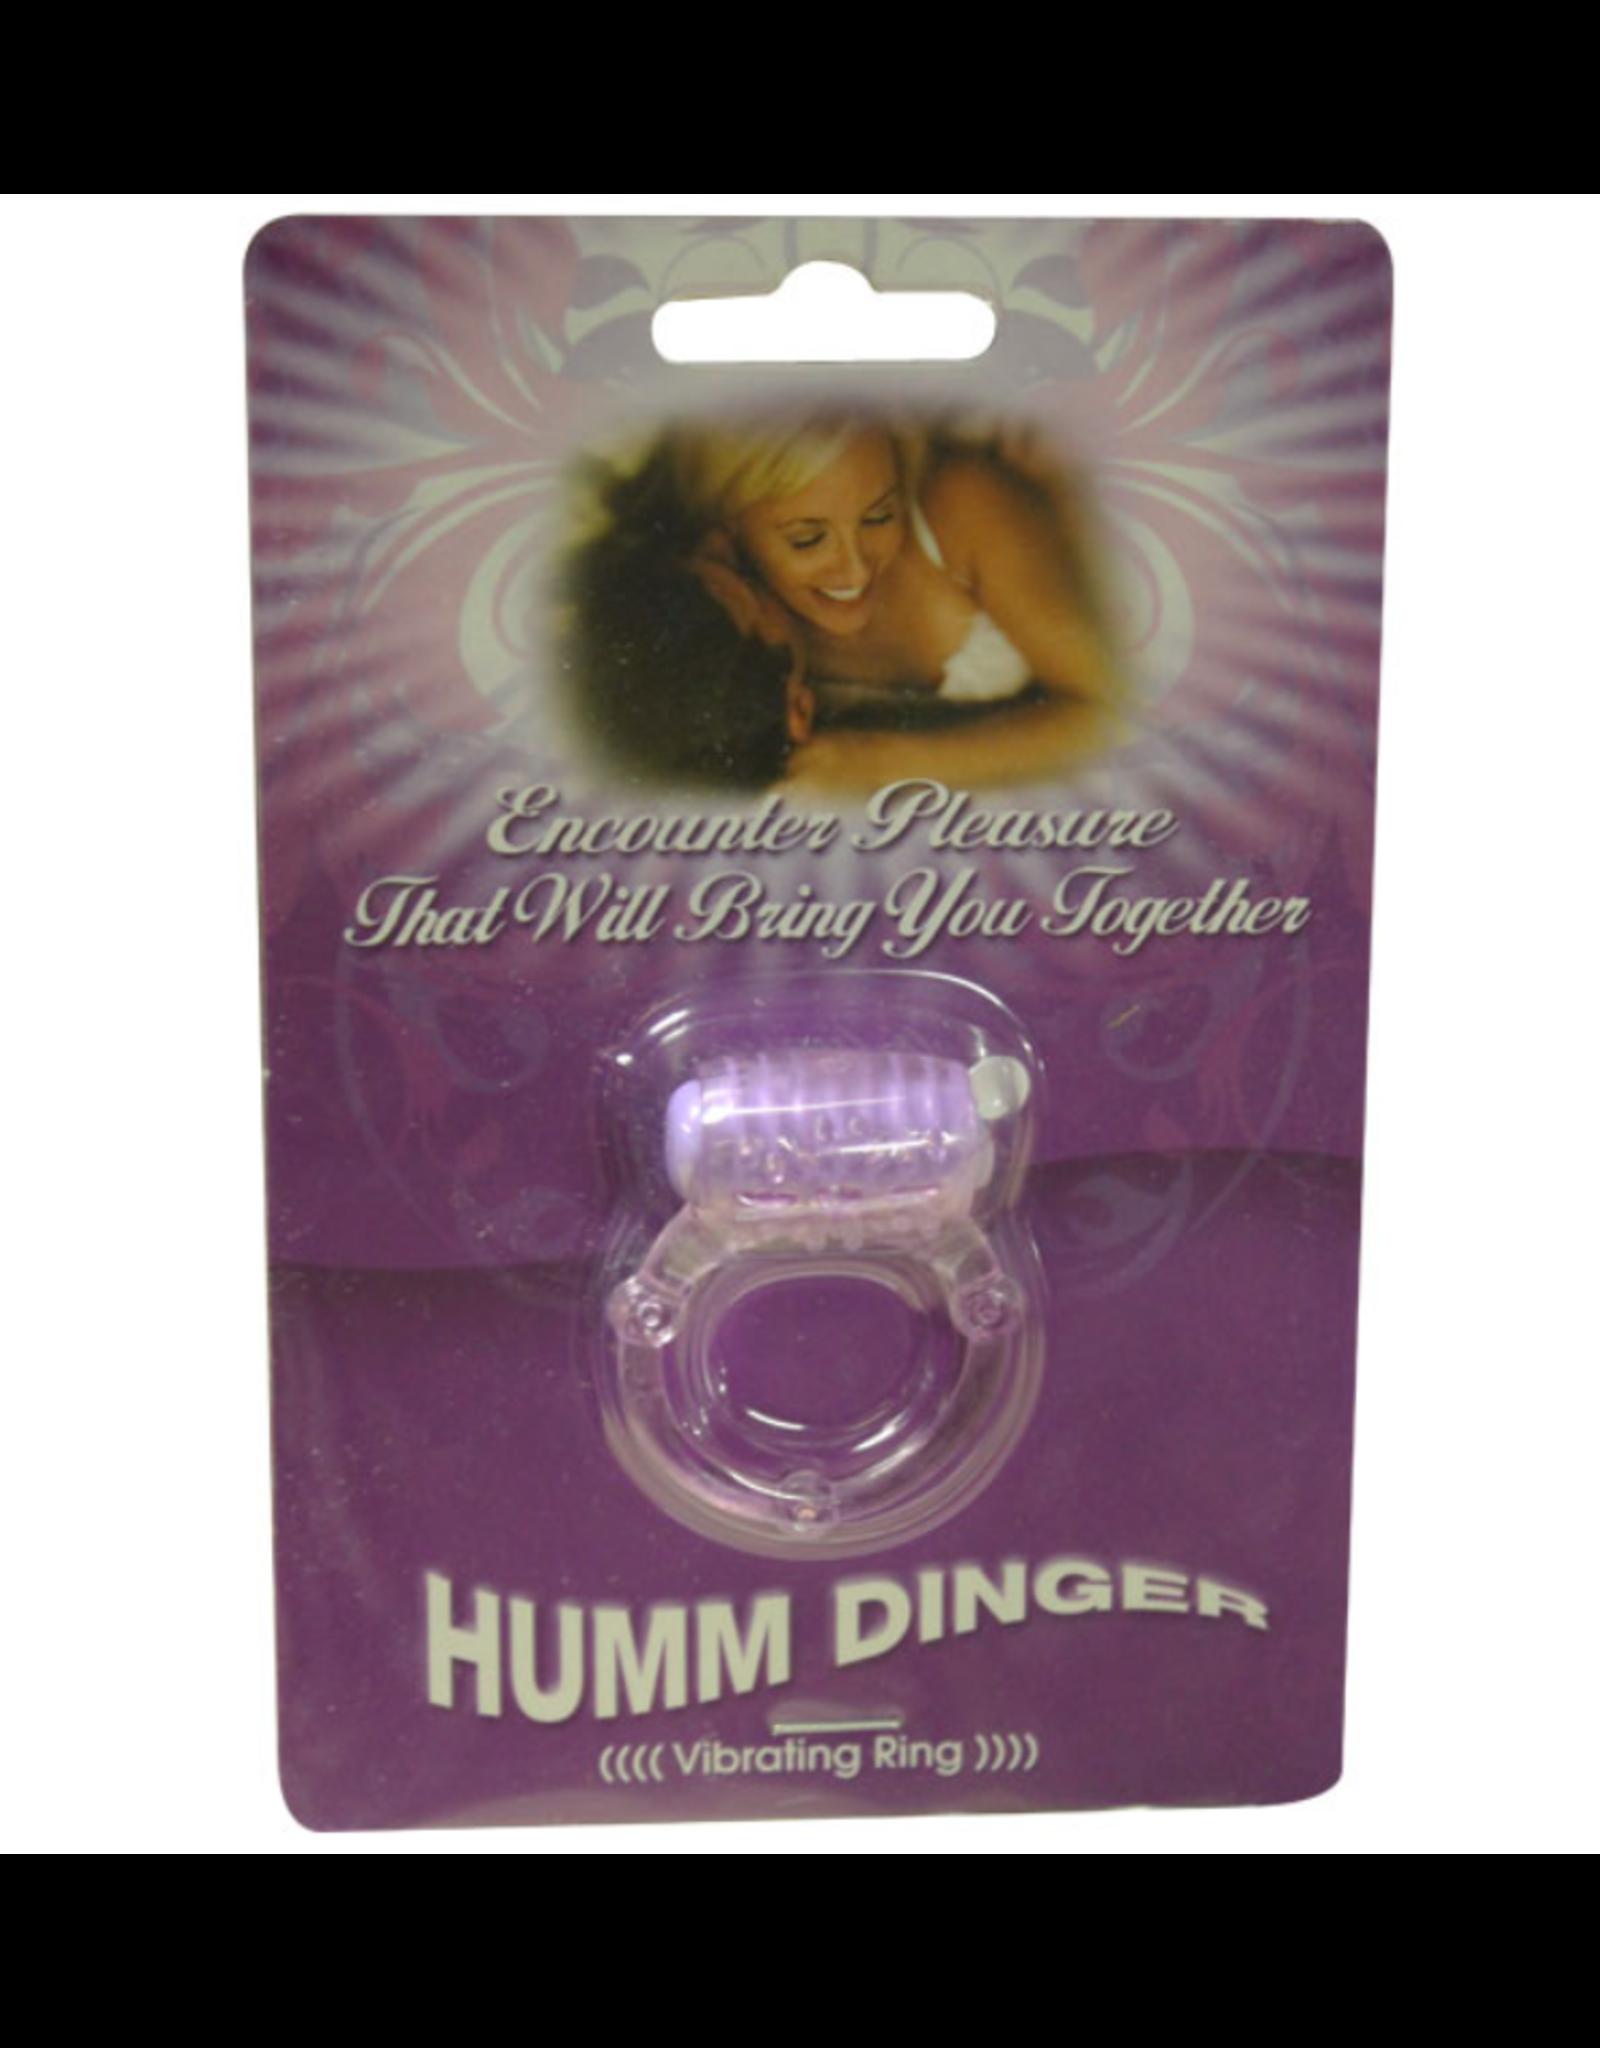 Humm Dinger Humm Dinger Dual Vibrating Cock Ring (purple)